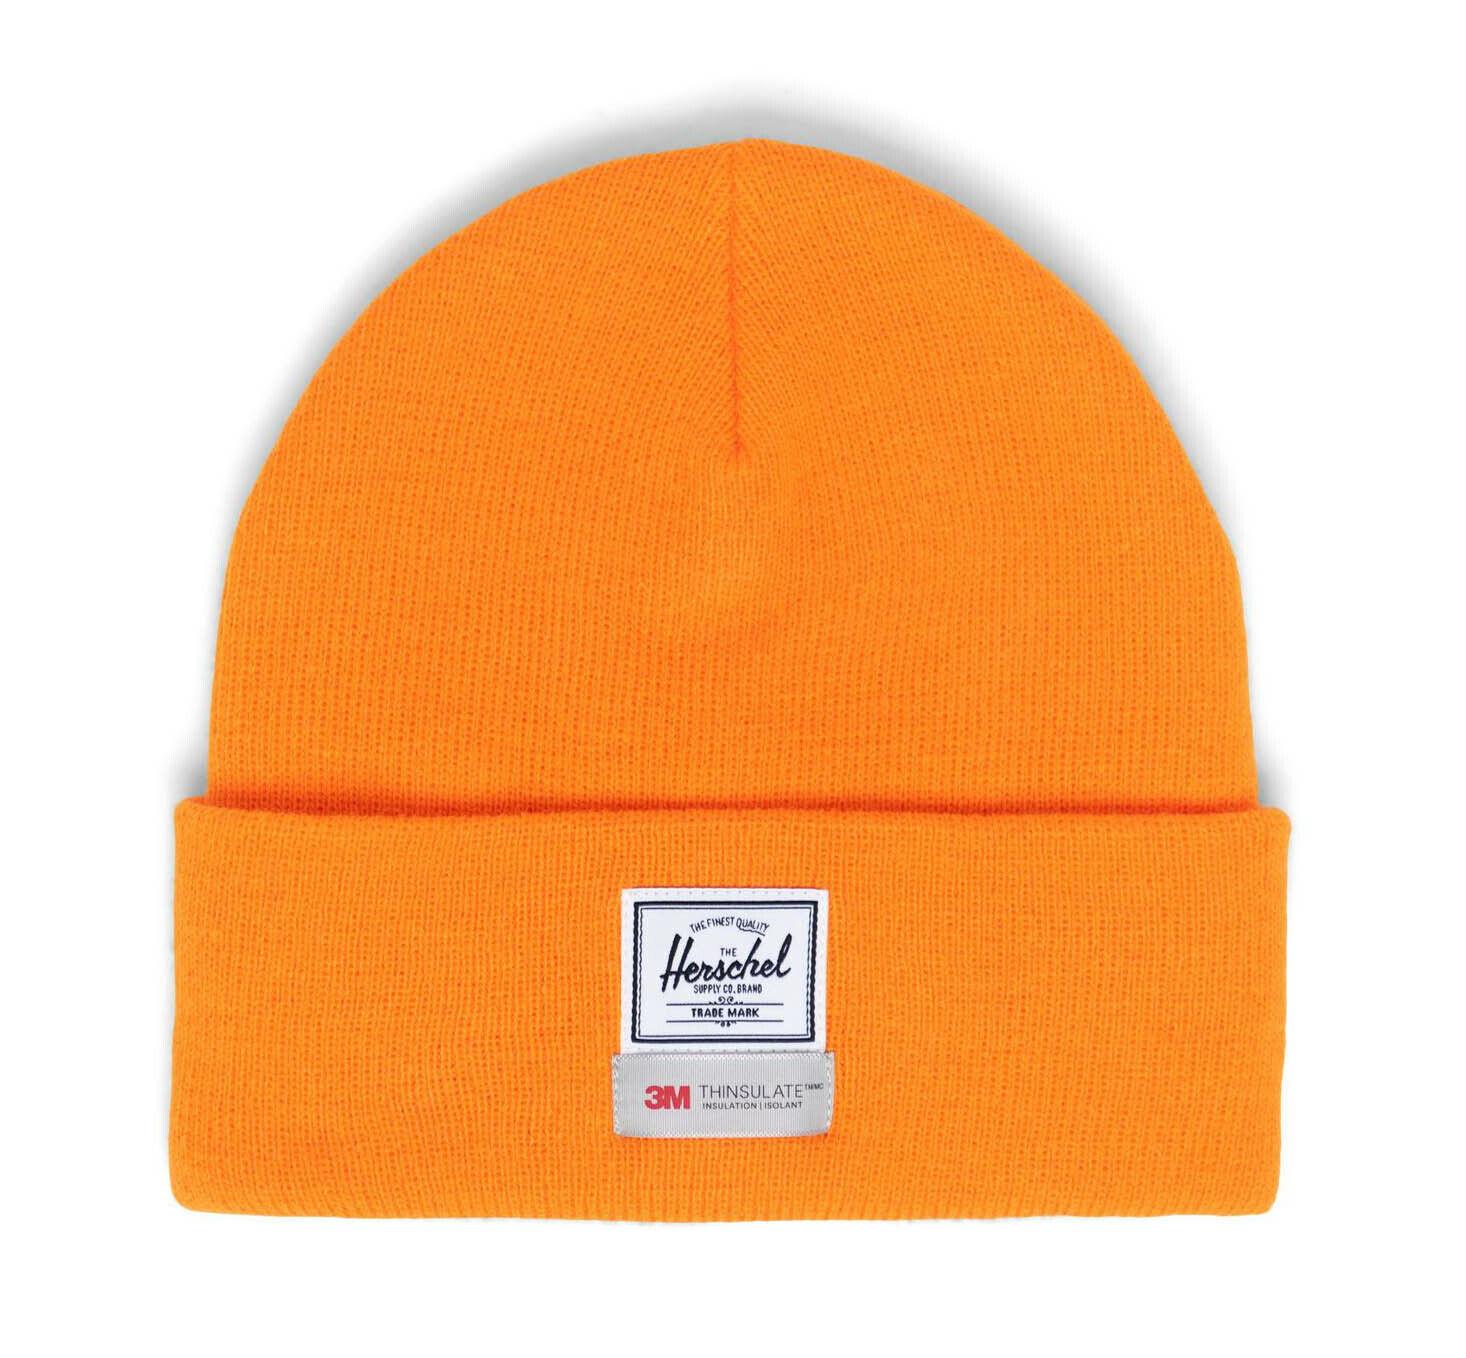 Herschel Thinsulate Elmer Beanie Mütze Accessoire Safety Orange